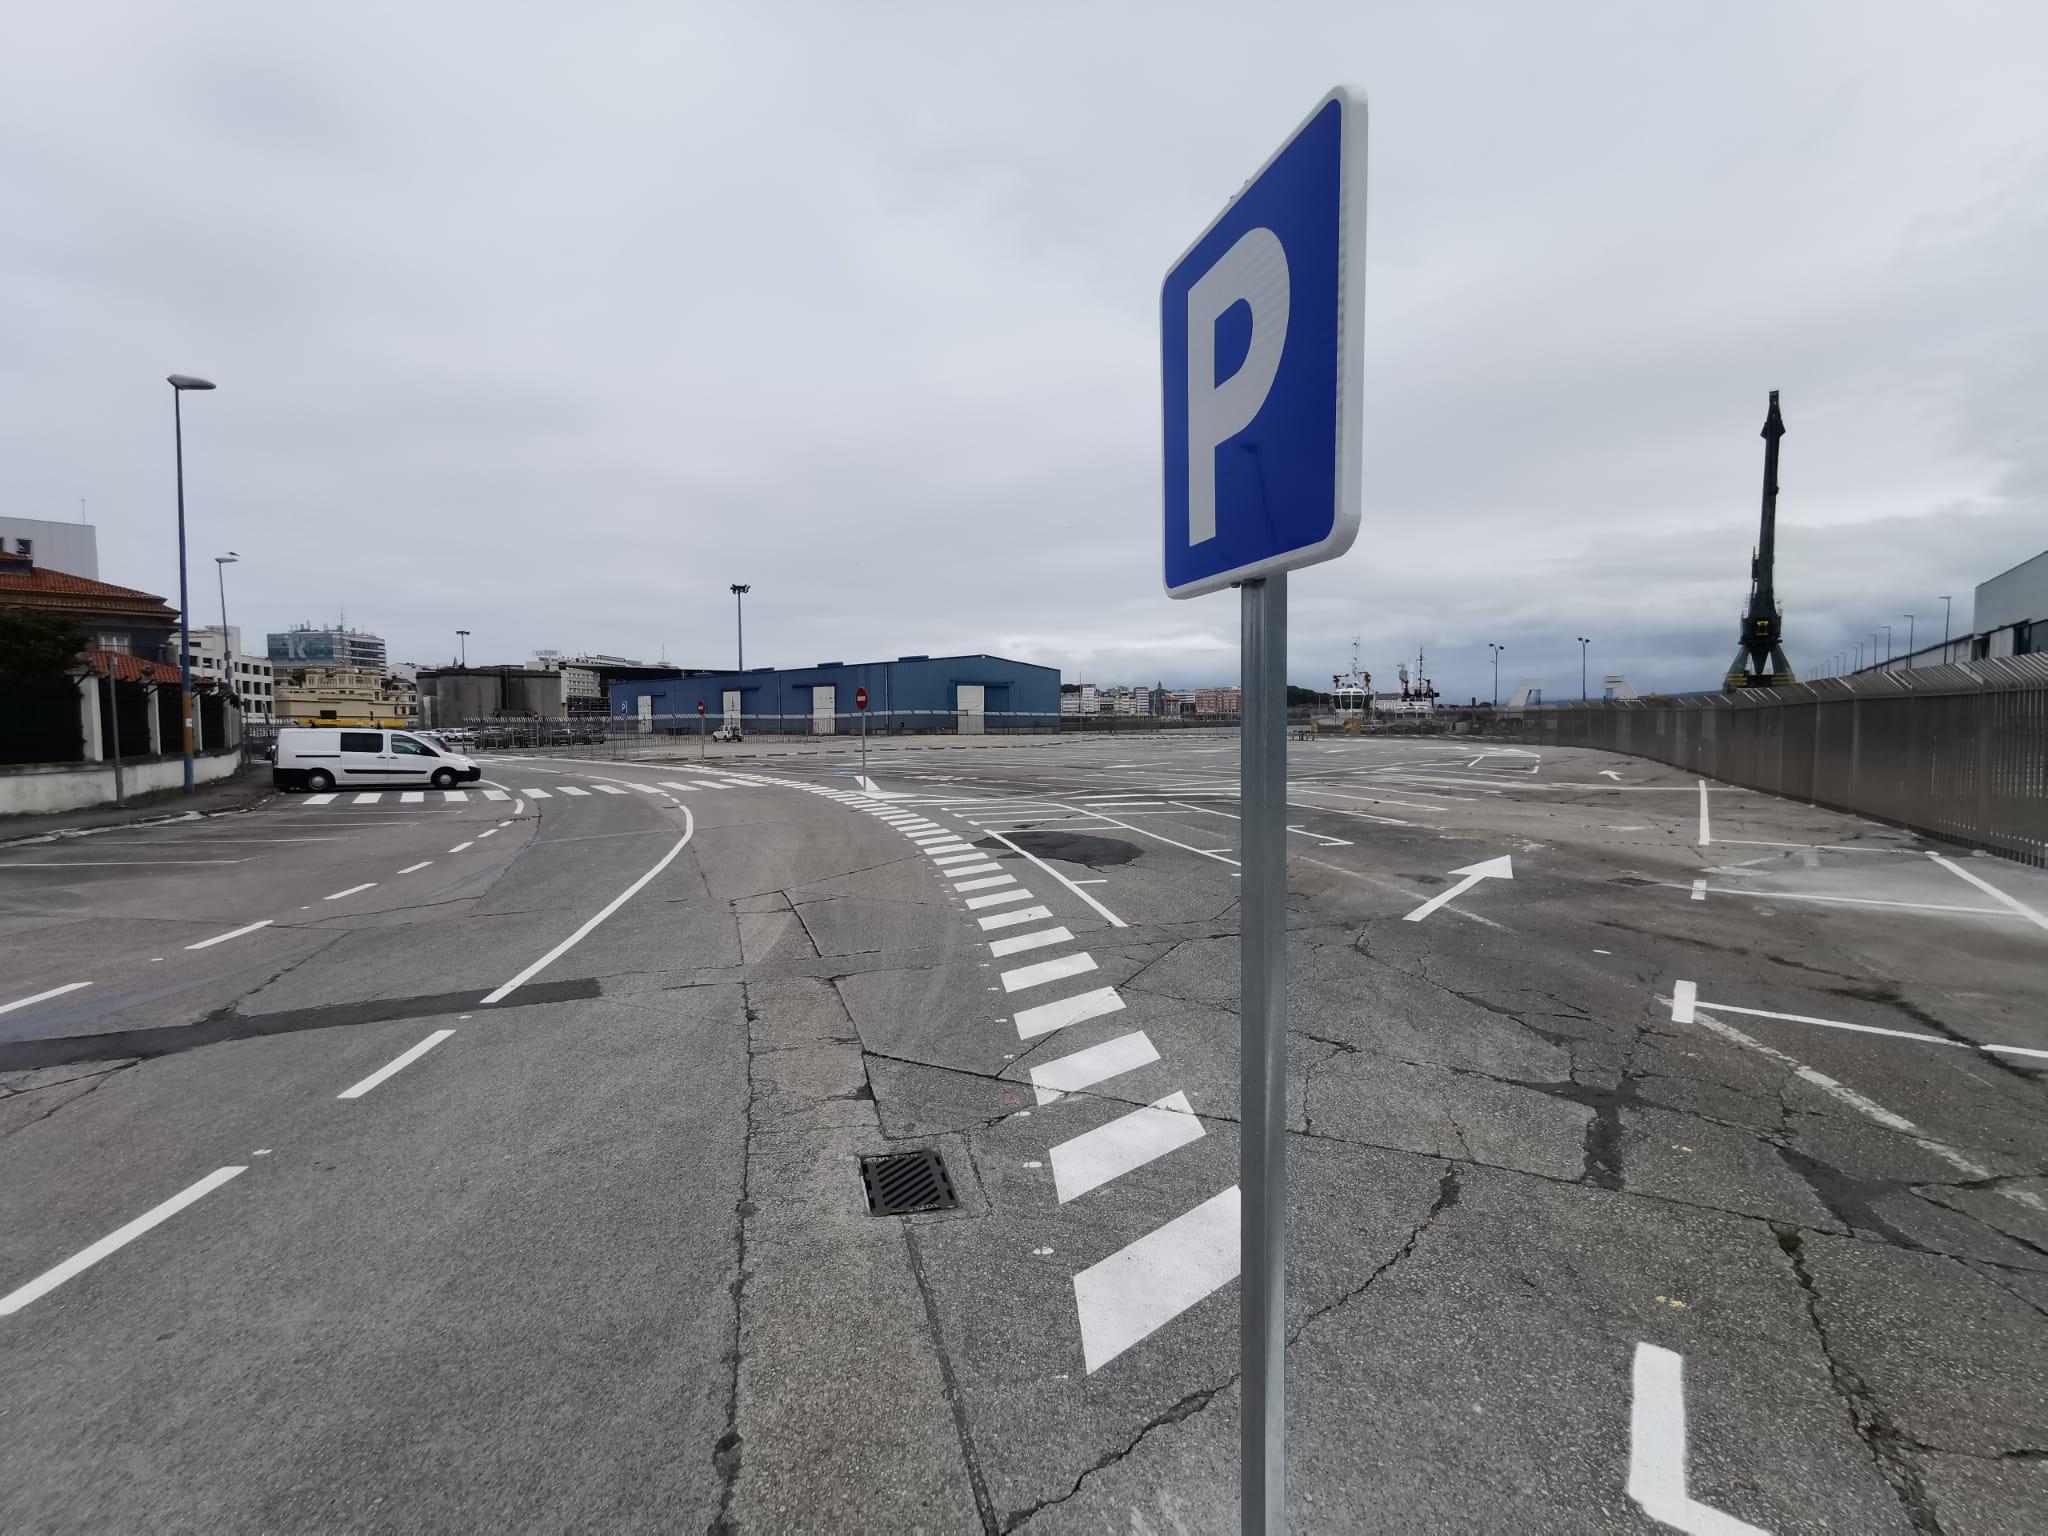 Abre el muelle de Batería del Puerto de La Coruña